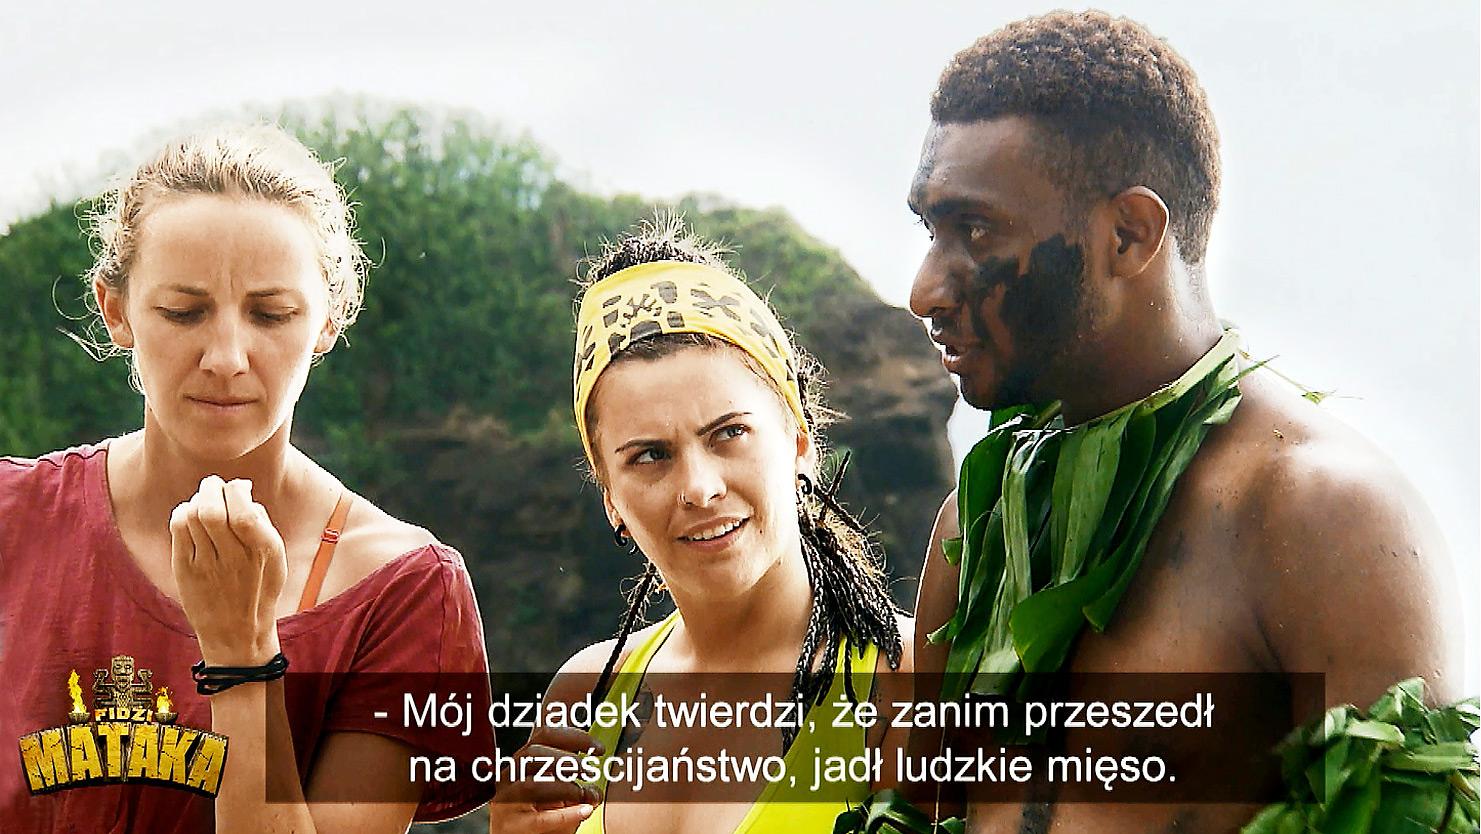 """""""Wyspa przetrwania"""": Jak smakuje ludzkie mięso? - Polsat.pl"""